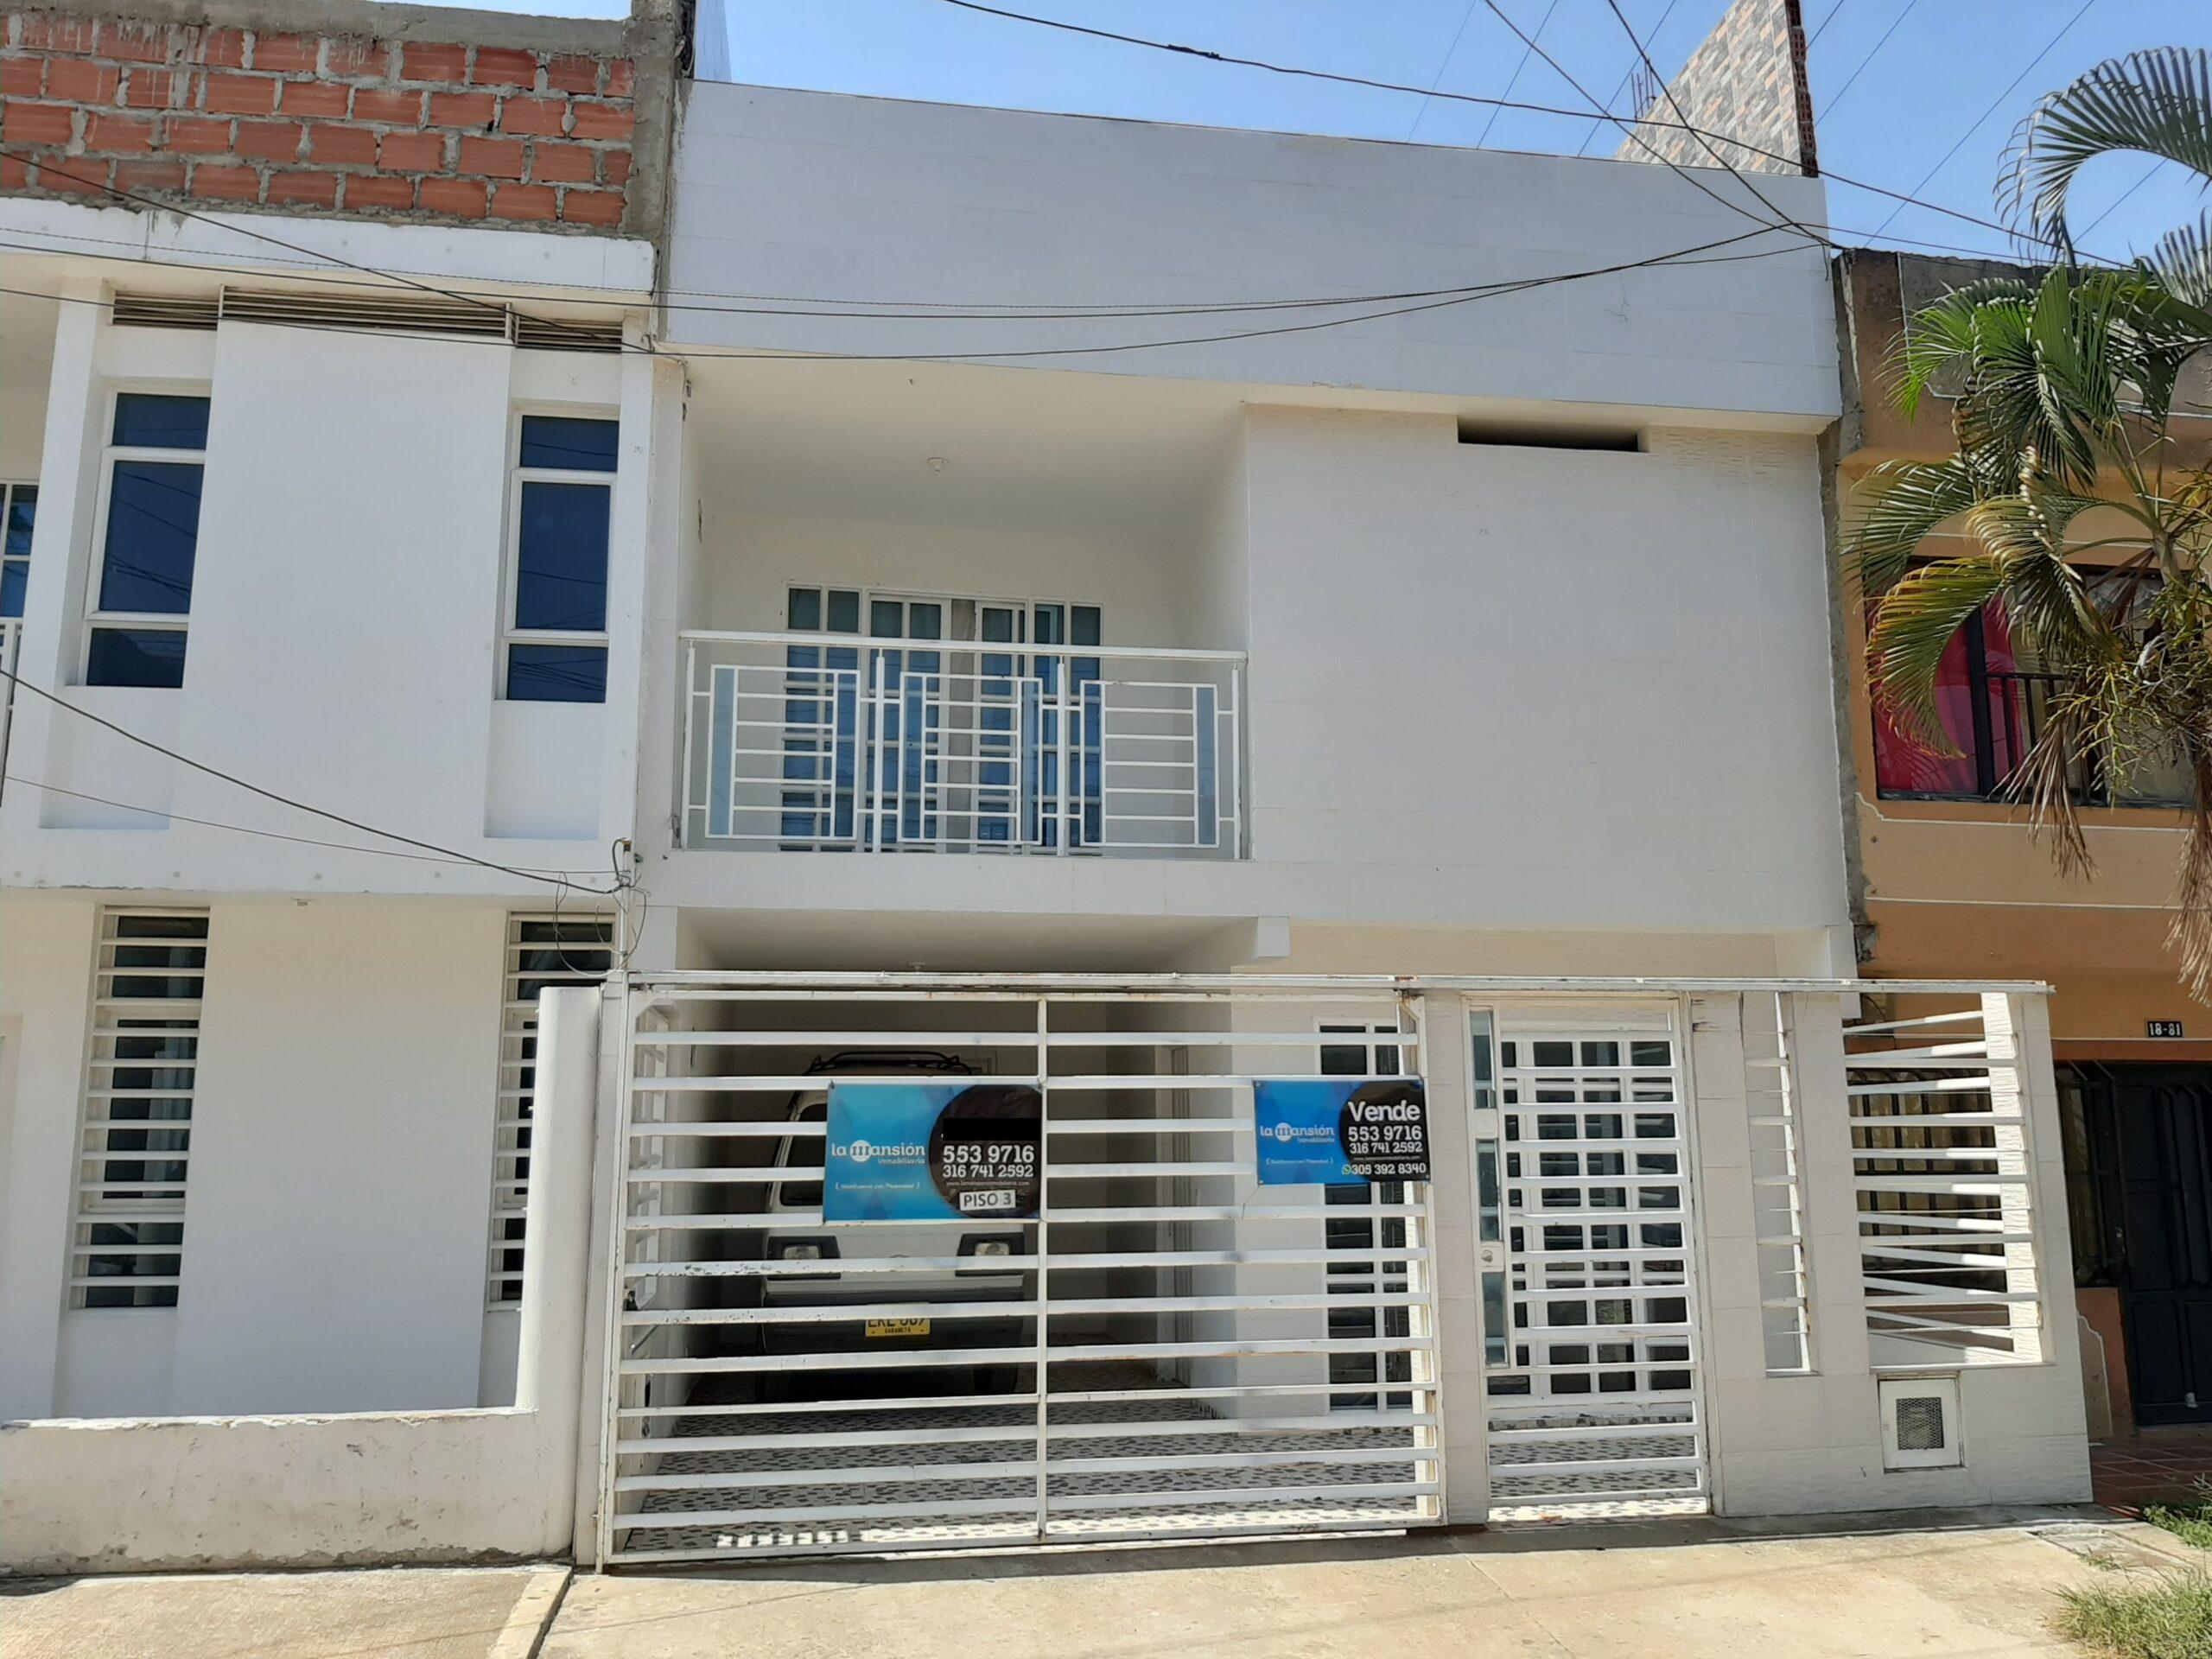 Casa en venta en sachamate Jamundi excelente oportunidad de inversion